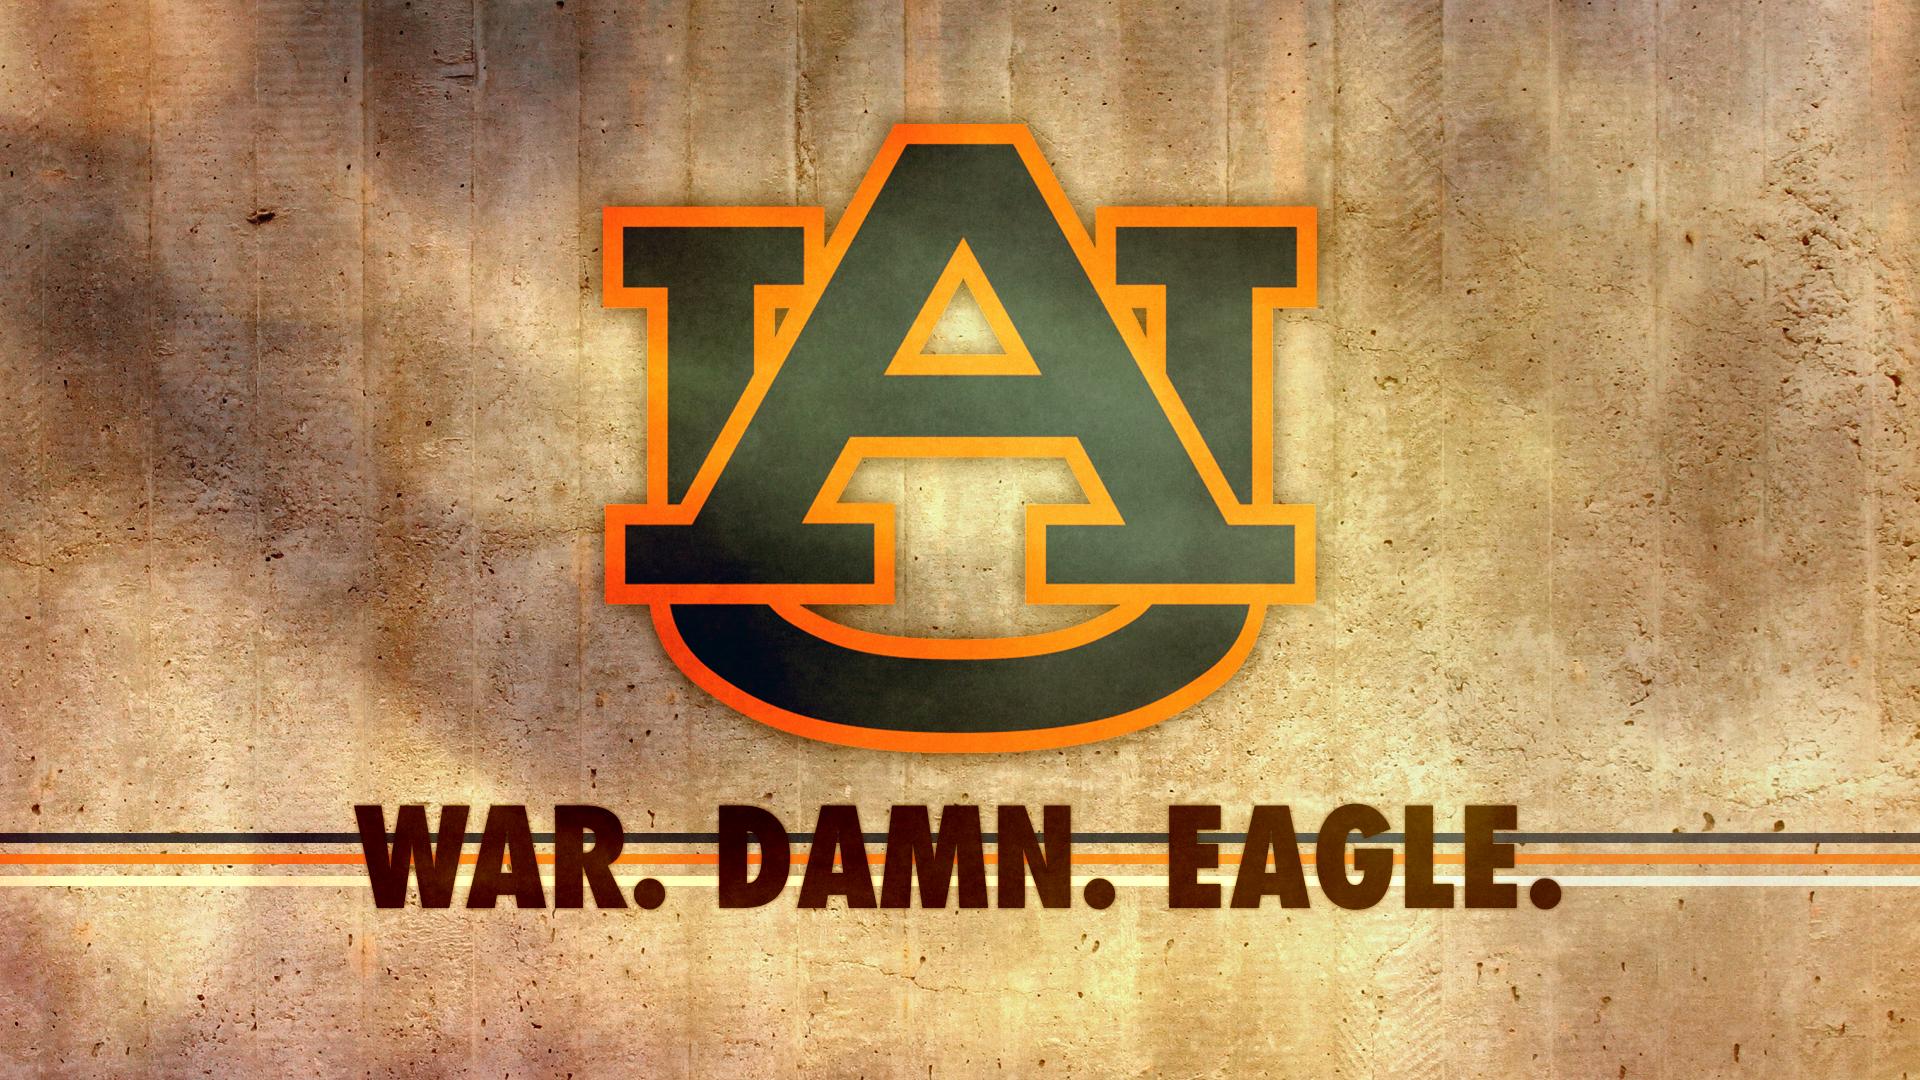 auburn war eagle wallpaper - photo #3